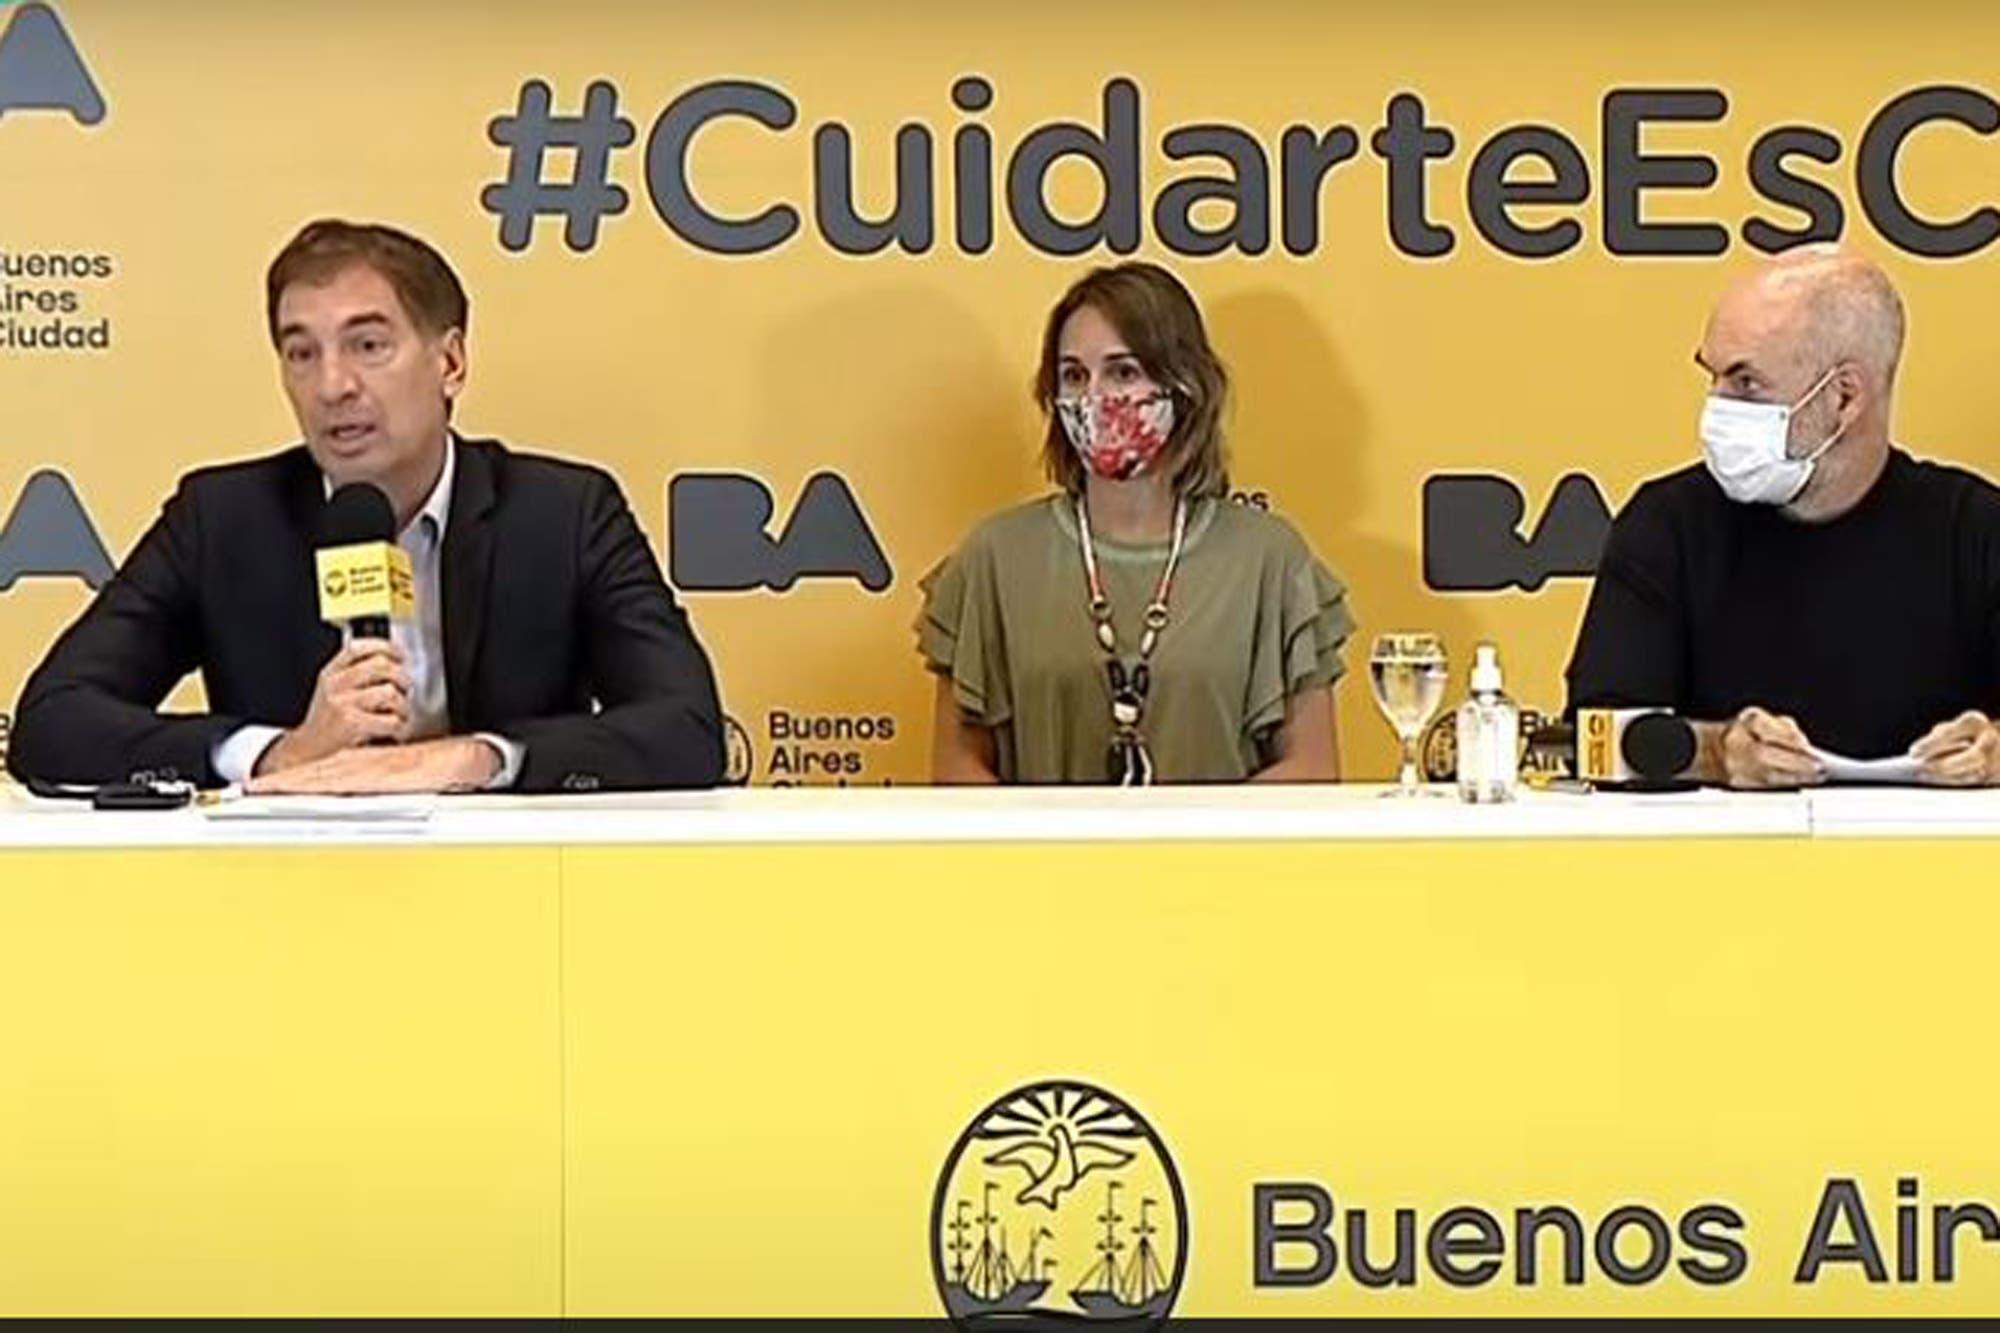 Crimen en Retiro: con críticas al kirchnerismo, Juntos por el Cambio reclamó tratar el Régimen Penal Juvenil y bajar la imputabilidad a los 15 años